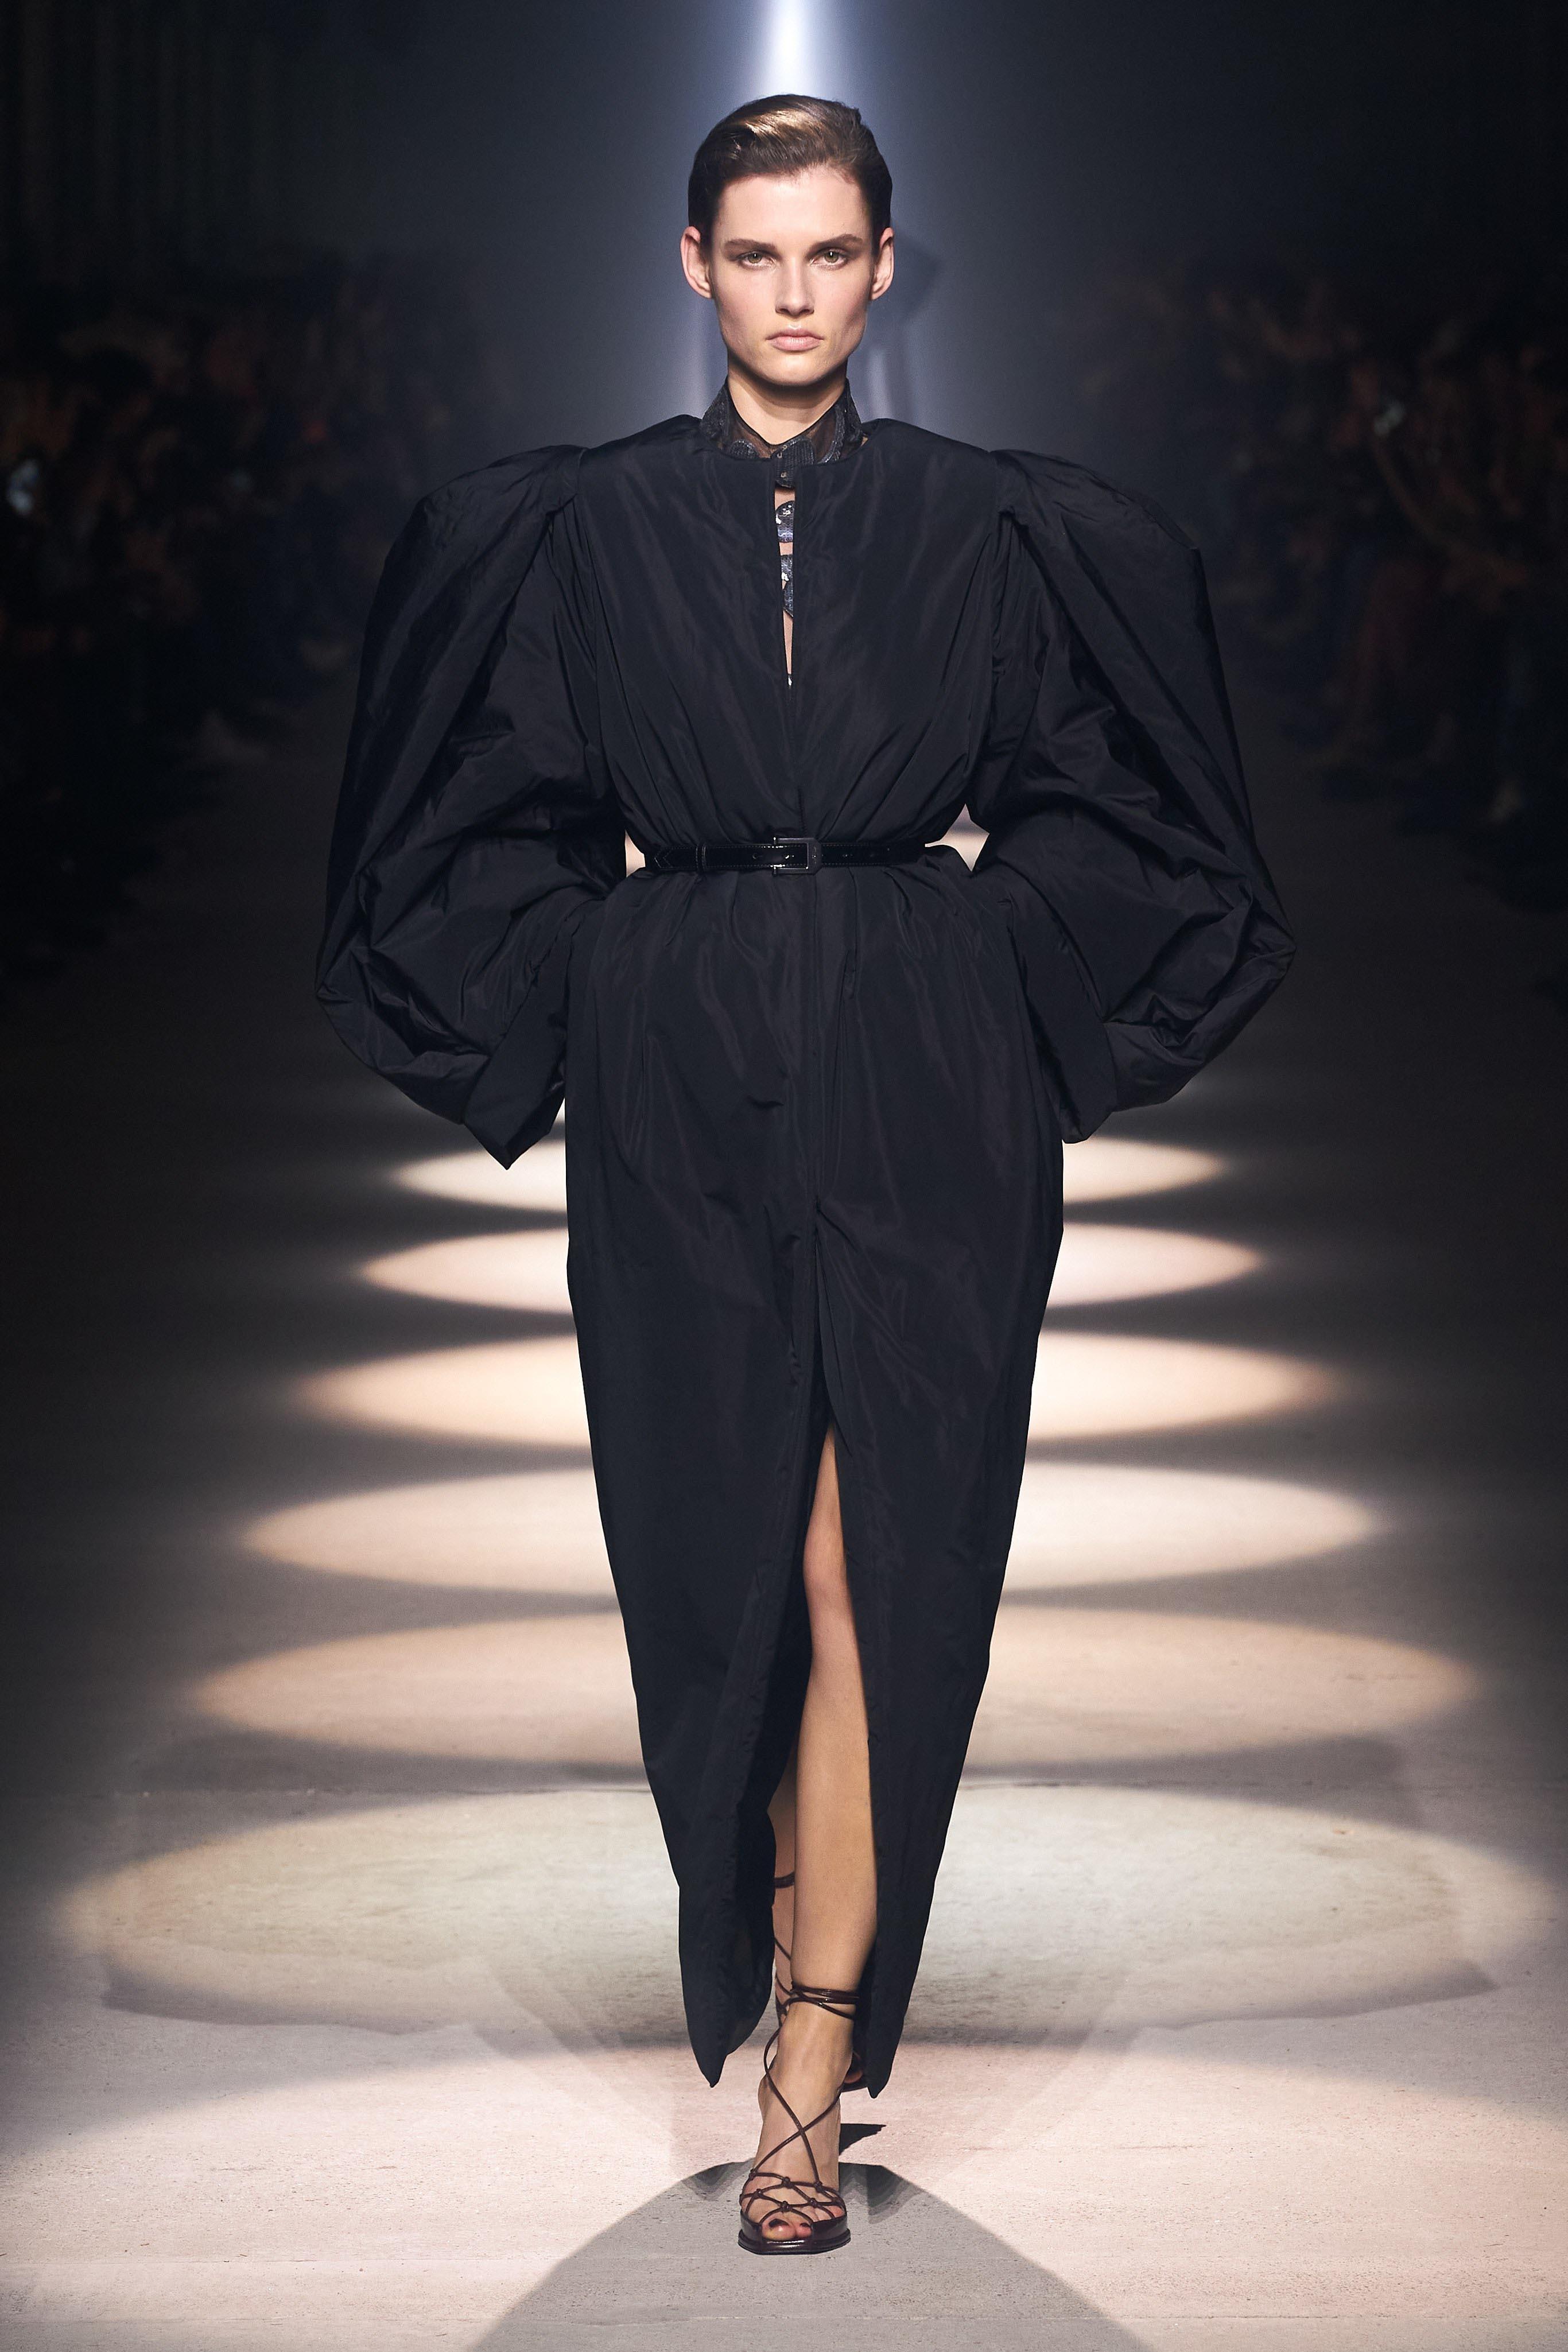 Người mẫu đội đầu thú lên trình diễn thời trang tại Paris Fashion Week - 16